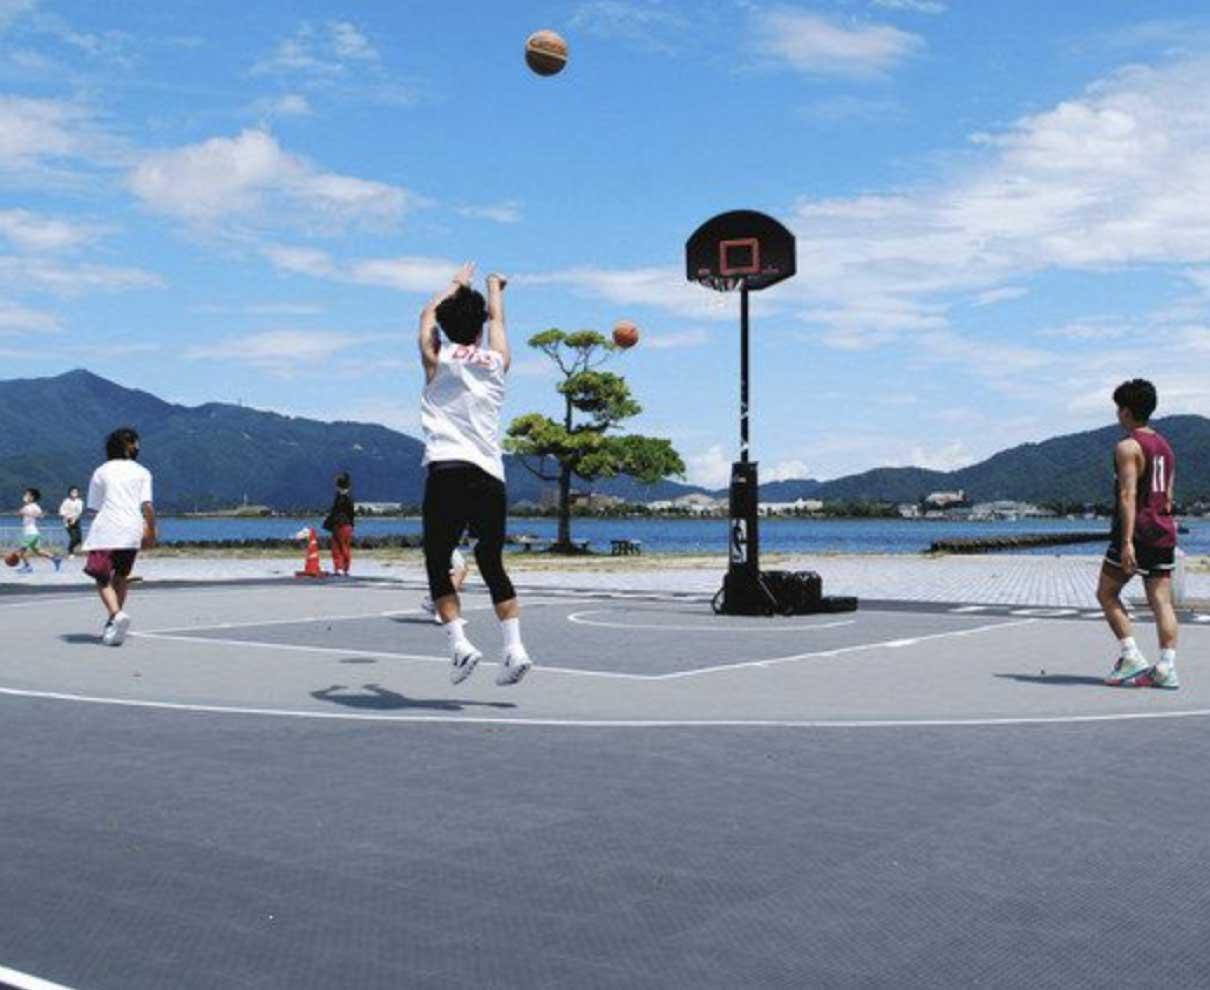 3人制バスケ大会 あす開幕 名称「サンサン・カップ」